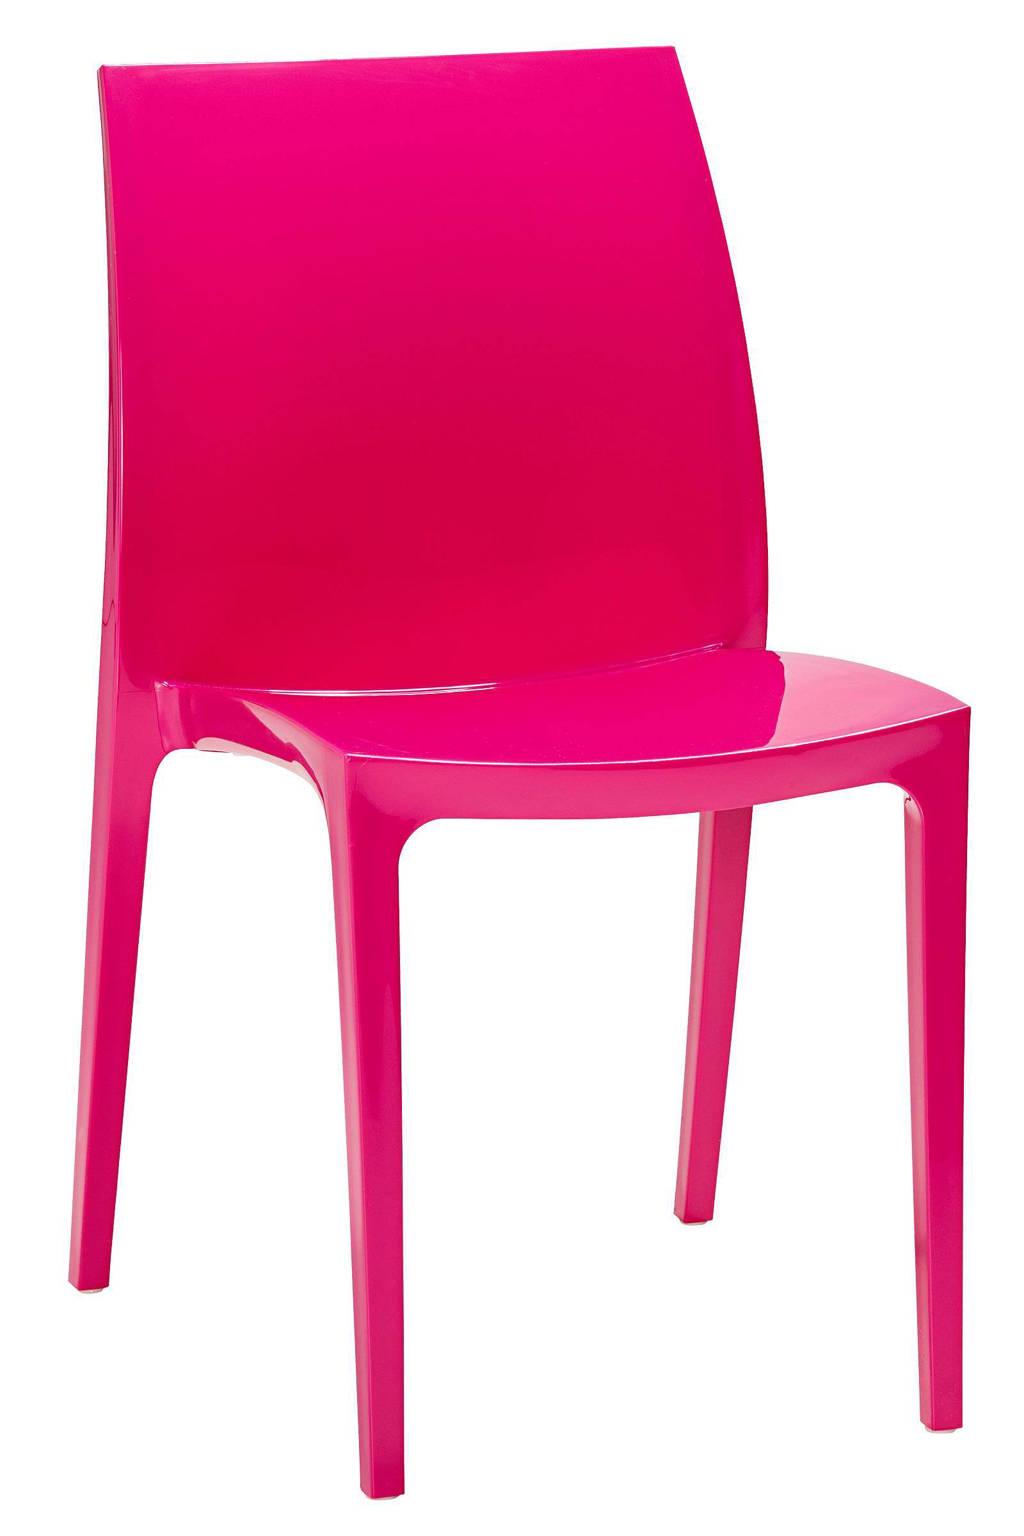 Allibert Sento tuinstoel, Roze